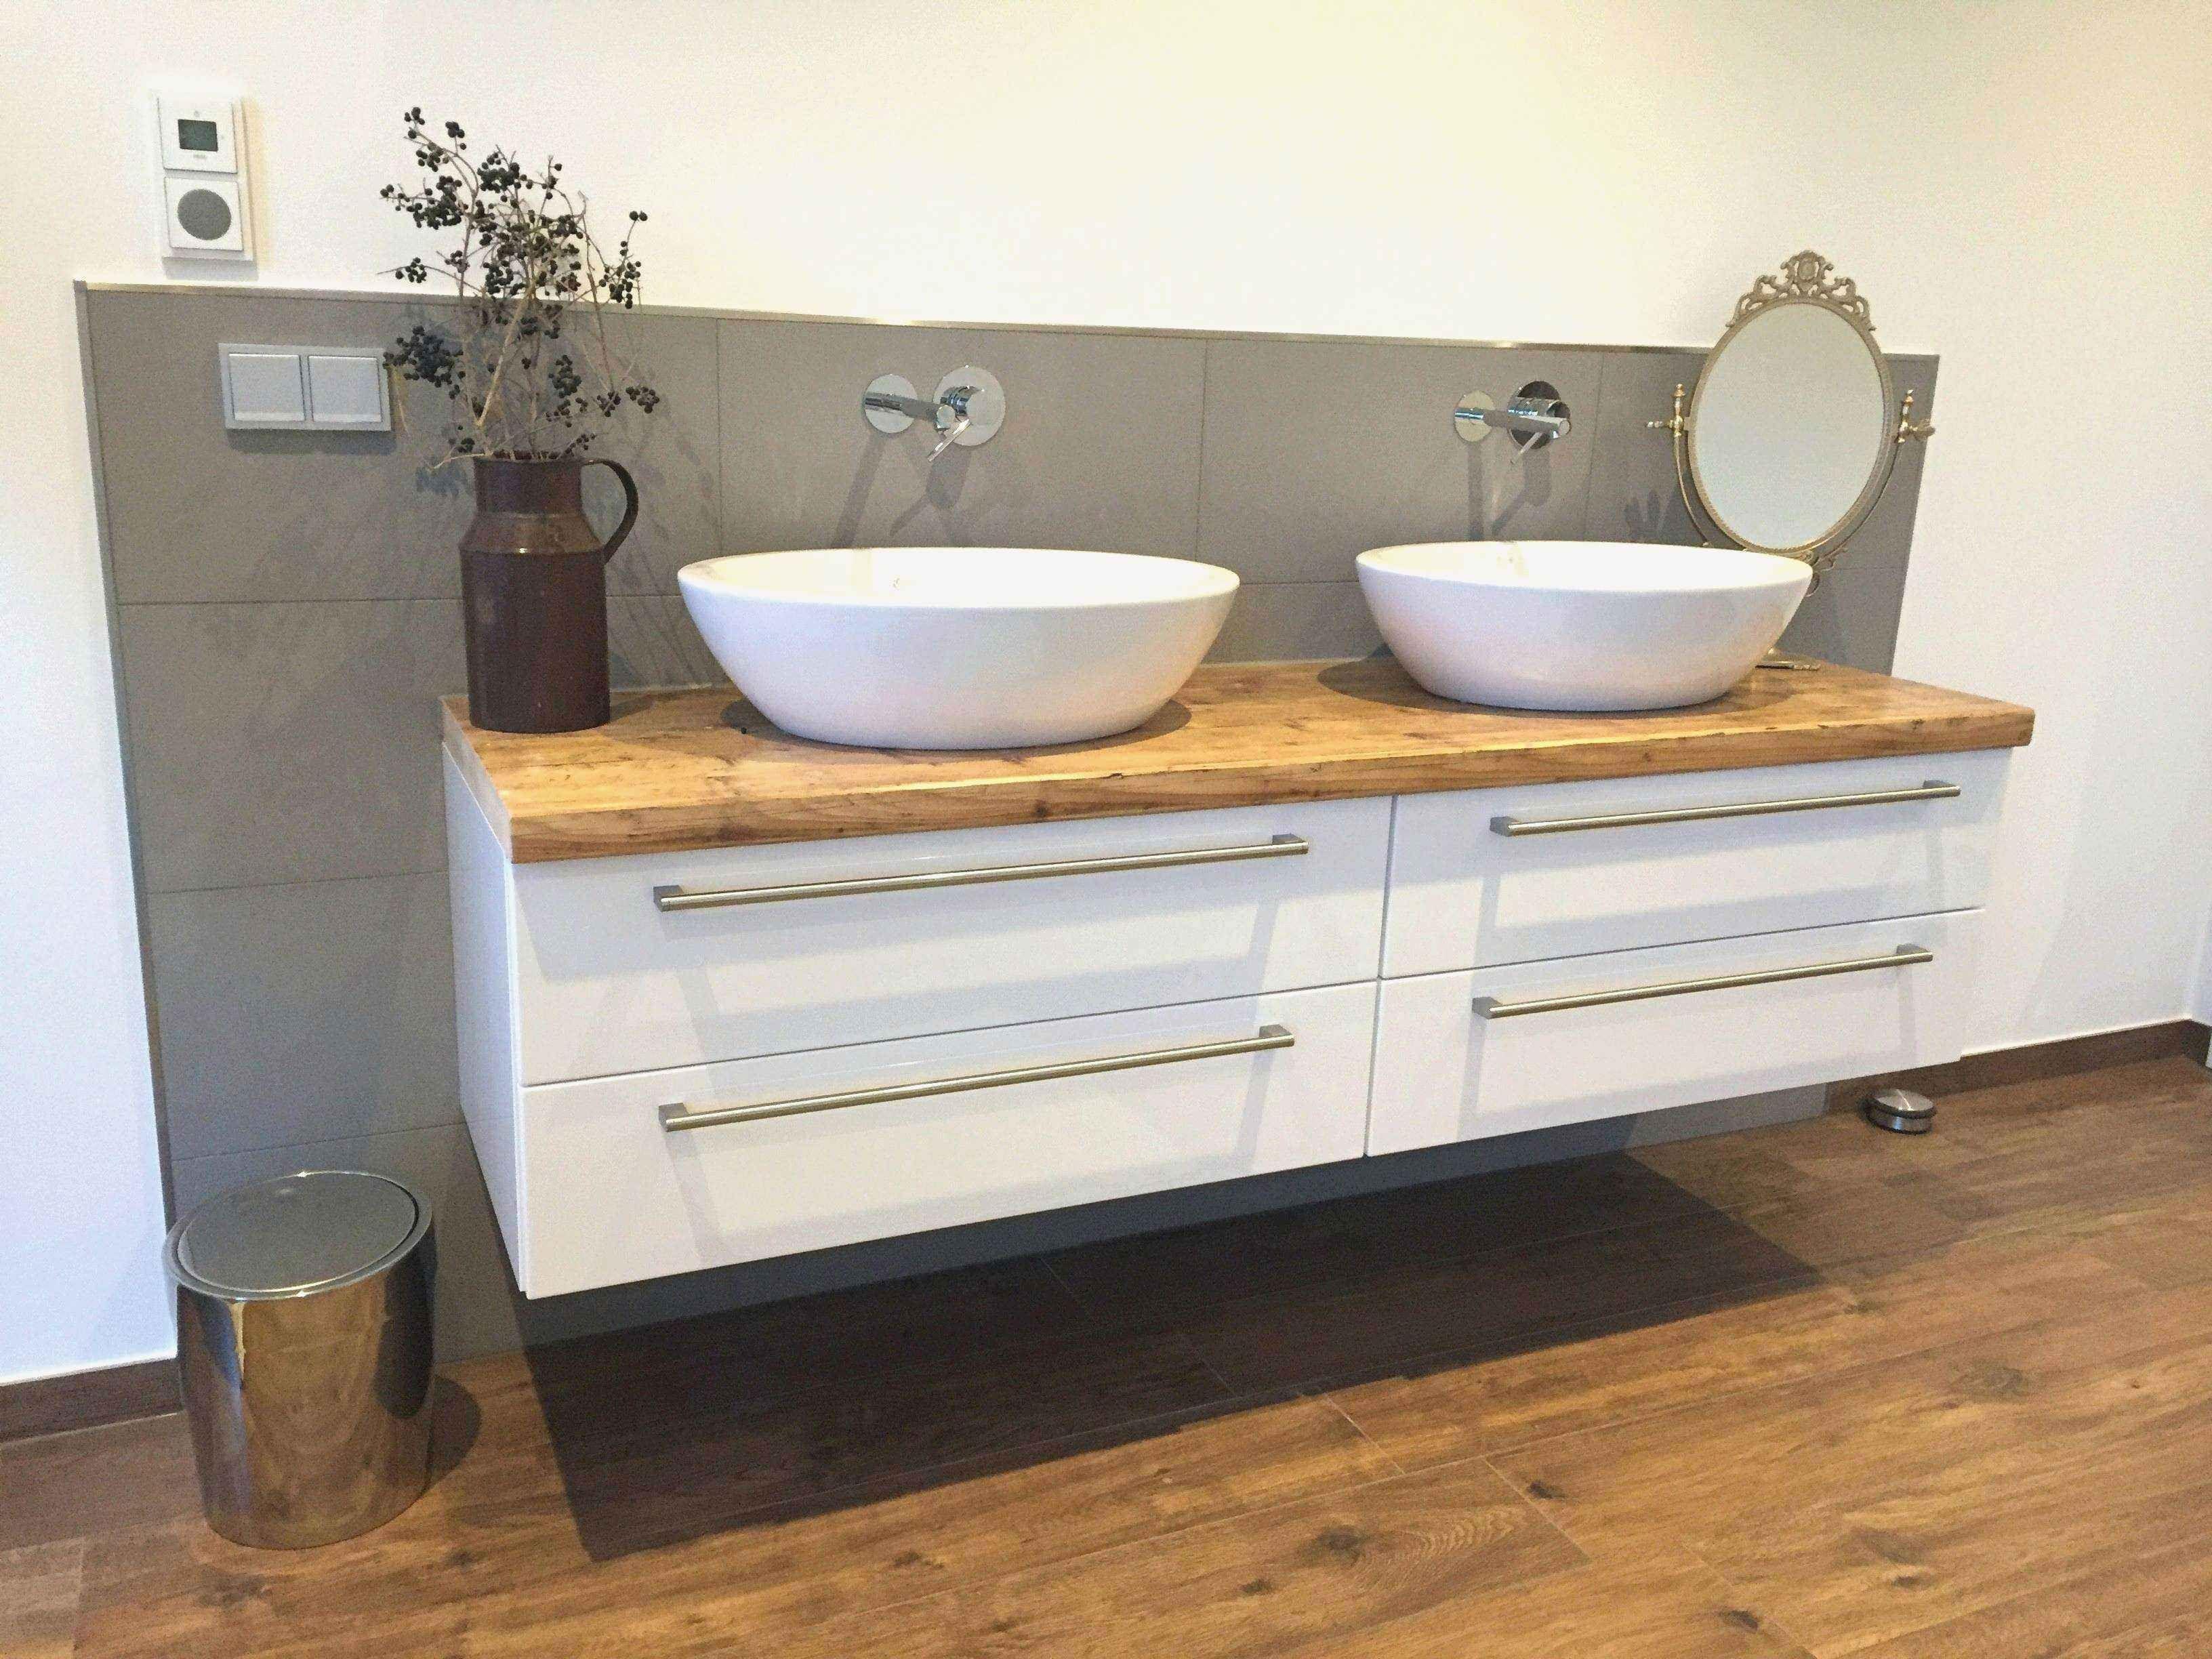 13 Bad Set Holz Mit Badezimmer Waschtisch Holz Inspirierend Schon Waschtisch Holz Badezimmer Waschtische Badezimmer